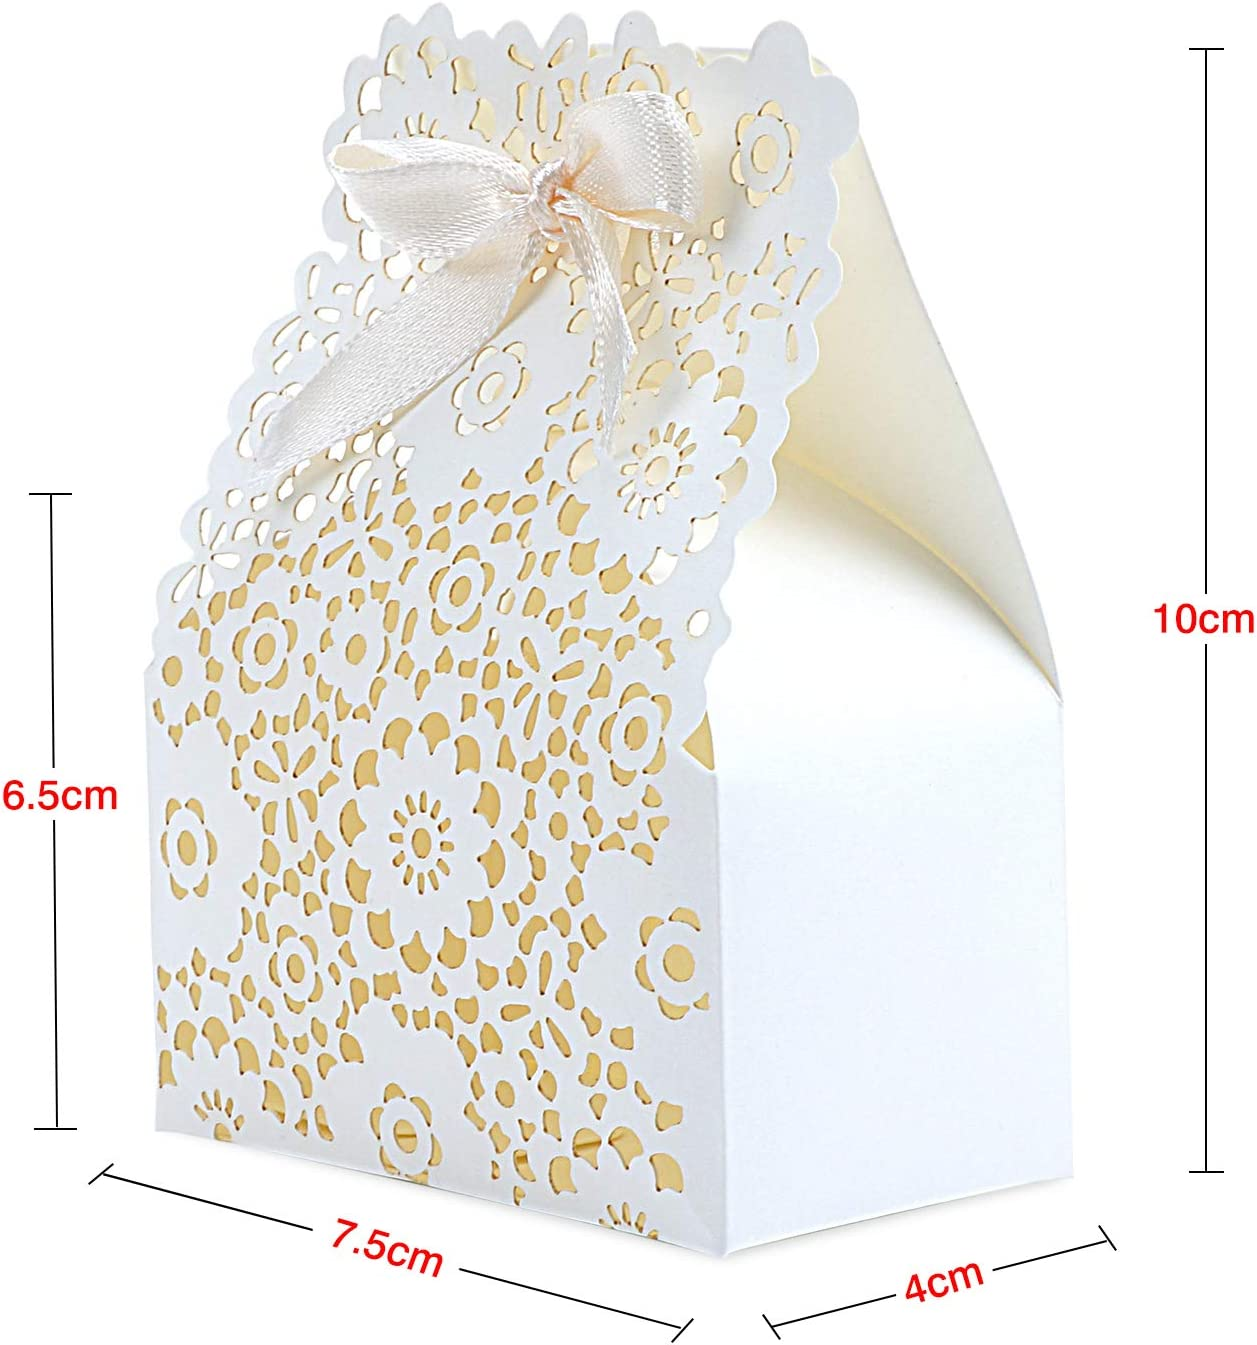 19 TsunNee Hohle Papier Süßigkeiten Box, Blumen Muster,  Hochzeits Gastgeschenk Boxen, DIY Party Geschenk Box, kreative  Papier Leckerli Boxen, 10 Stück